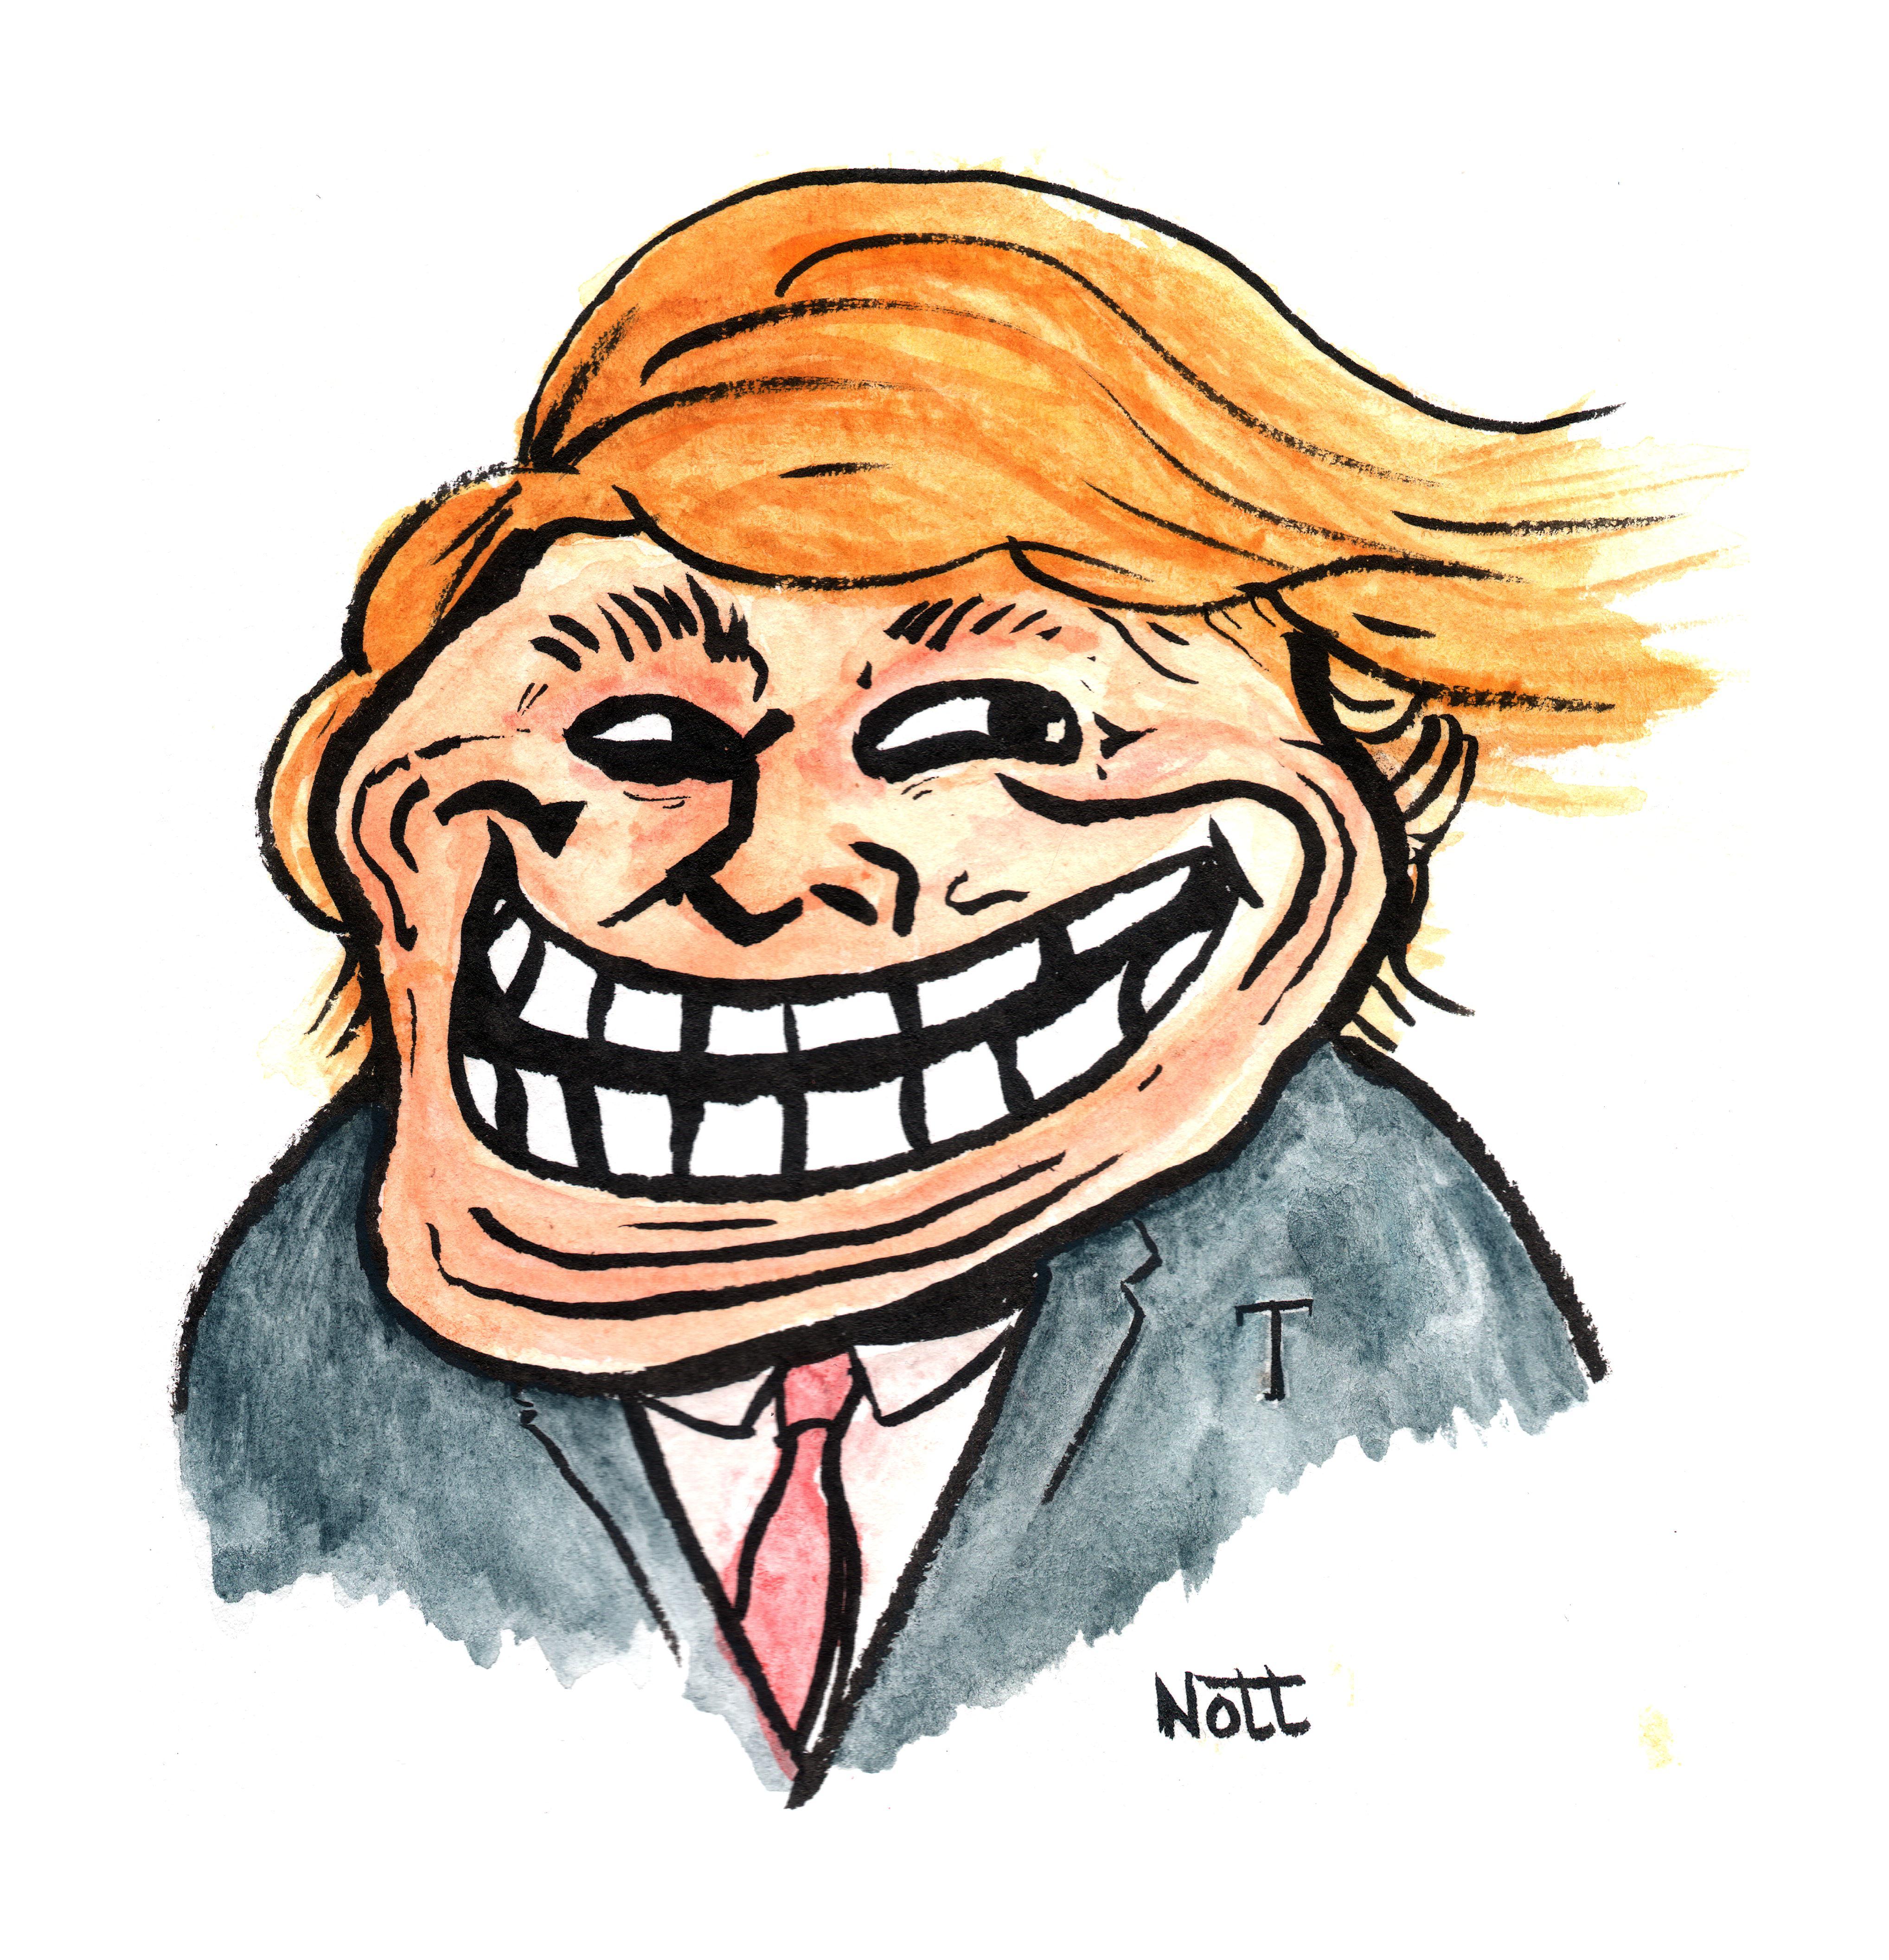 donald-trump-troll-face-dan-nott.jpg